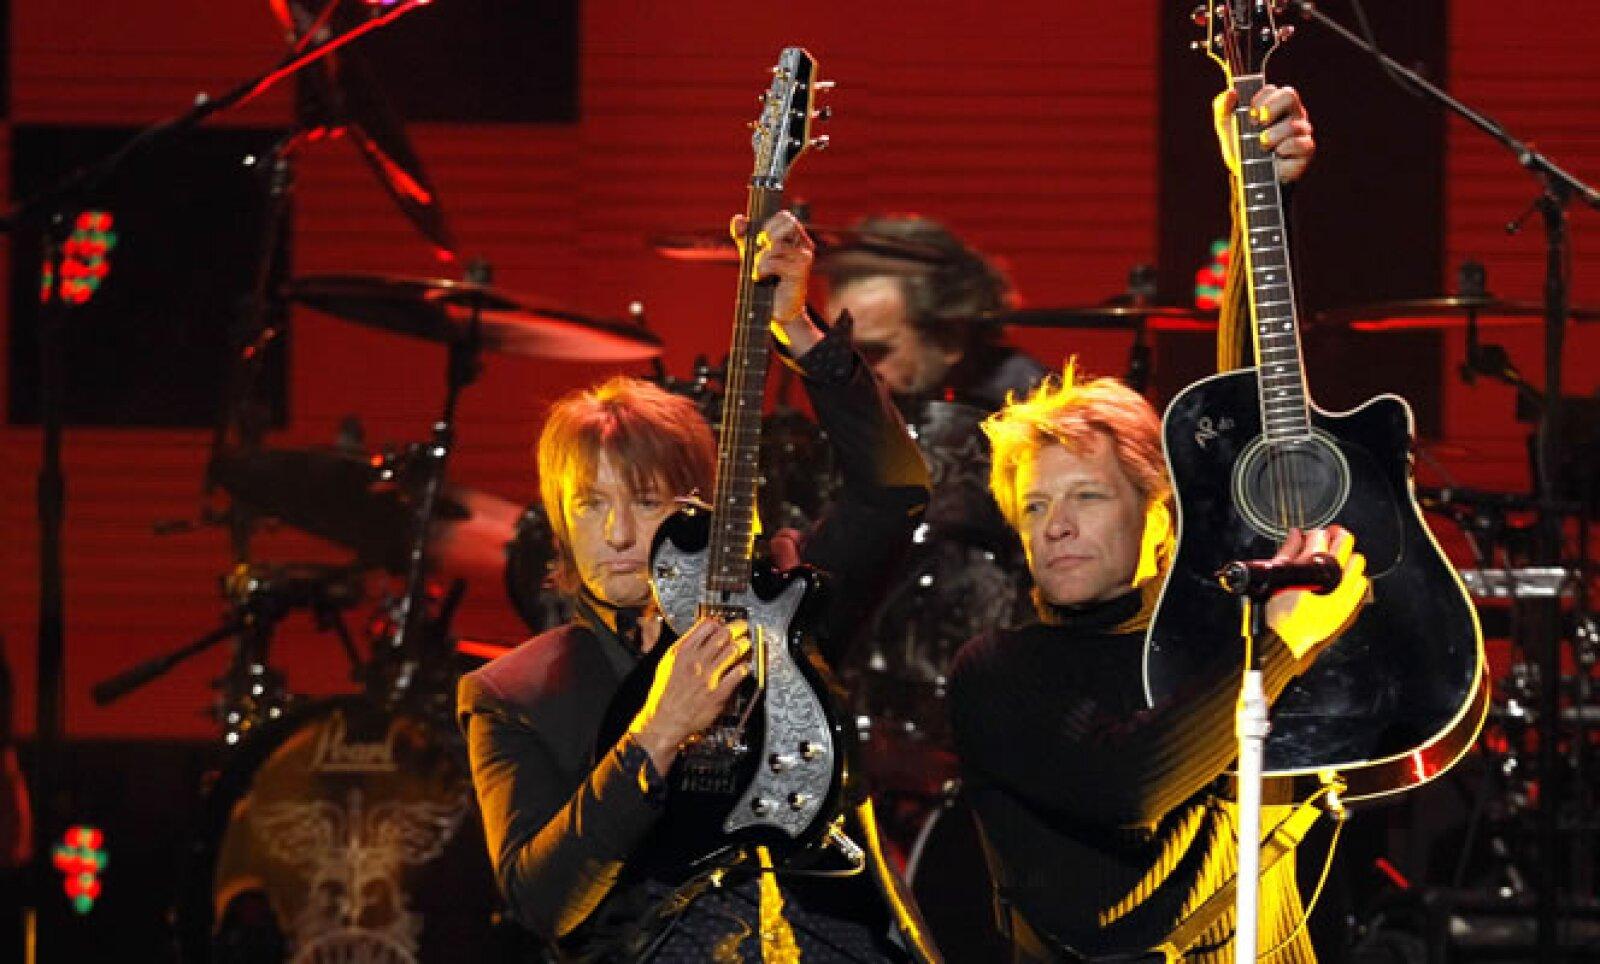 Bon Jovi es originario de New Jersey, donde muchas casas de la costa fueron destruidas por el paso del fenómeno. 'Living on a Prayer' fue coreada al unísono.